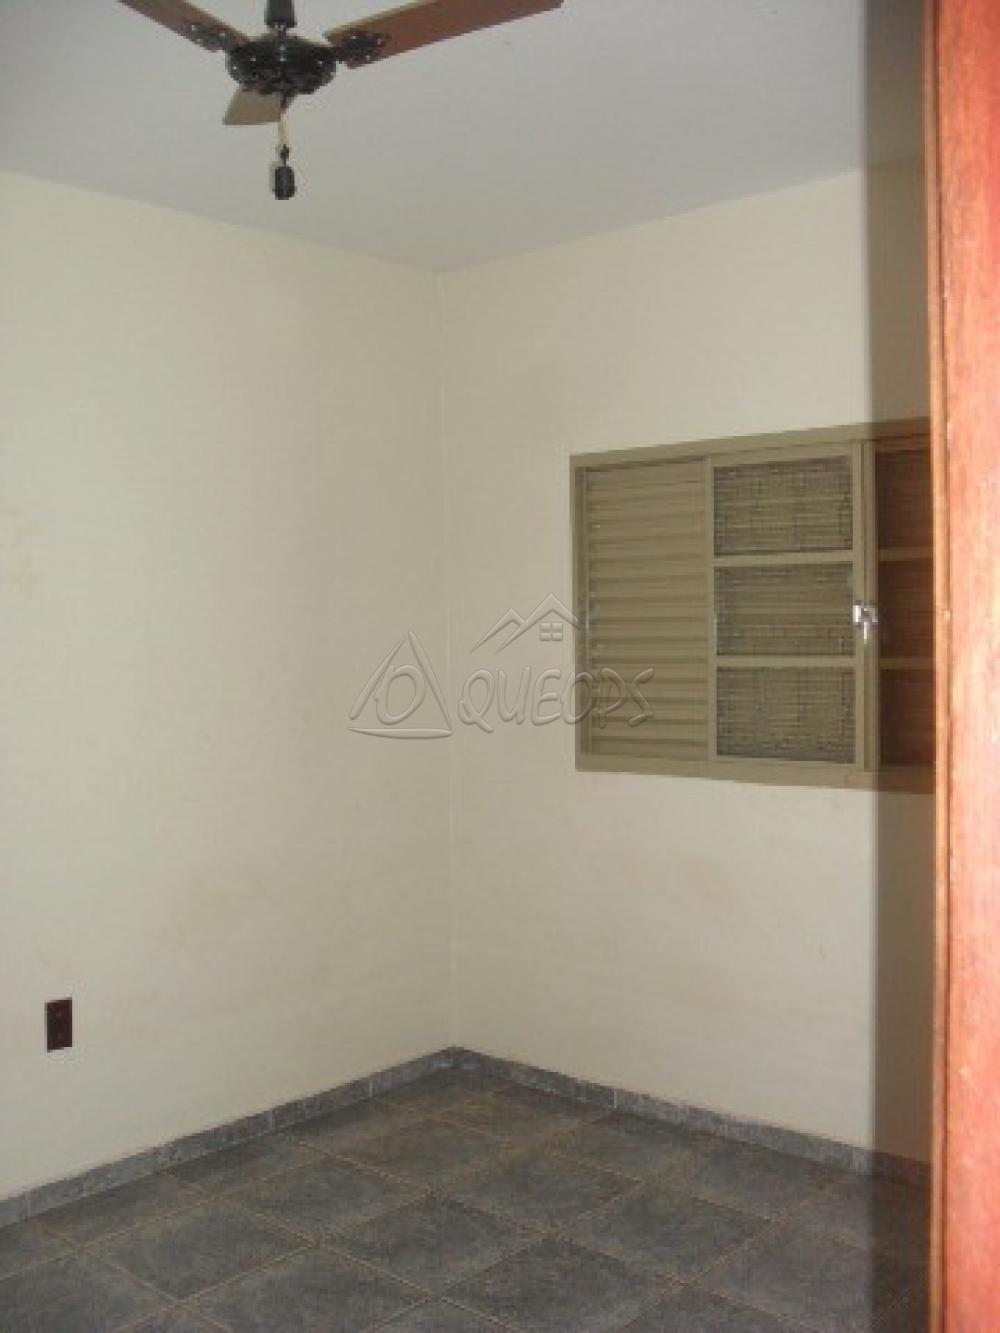 Alugar Casa / Sobrado em Barretos apenas R$ 2.200,00 - Foto 16